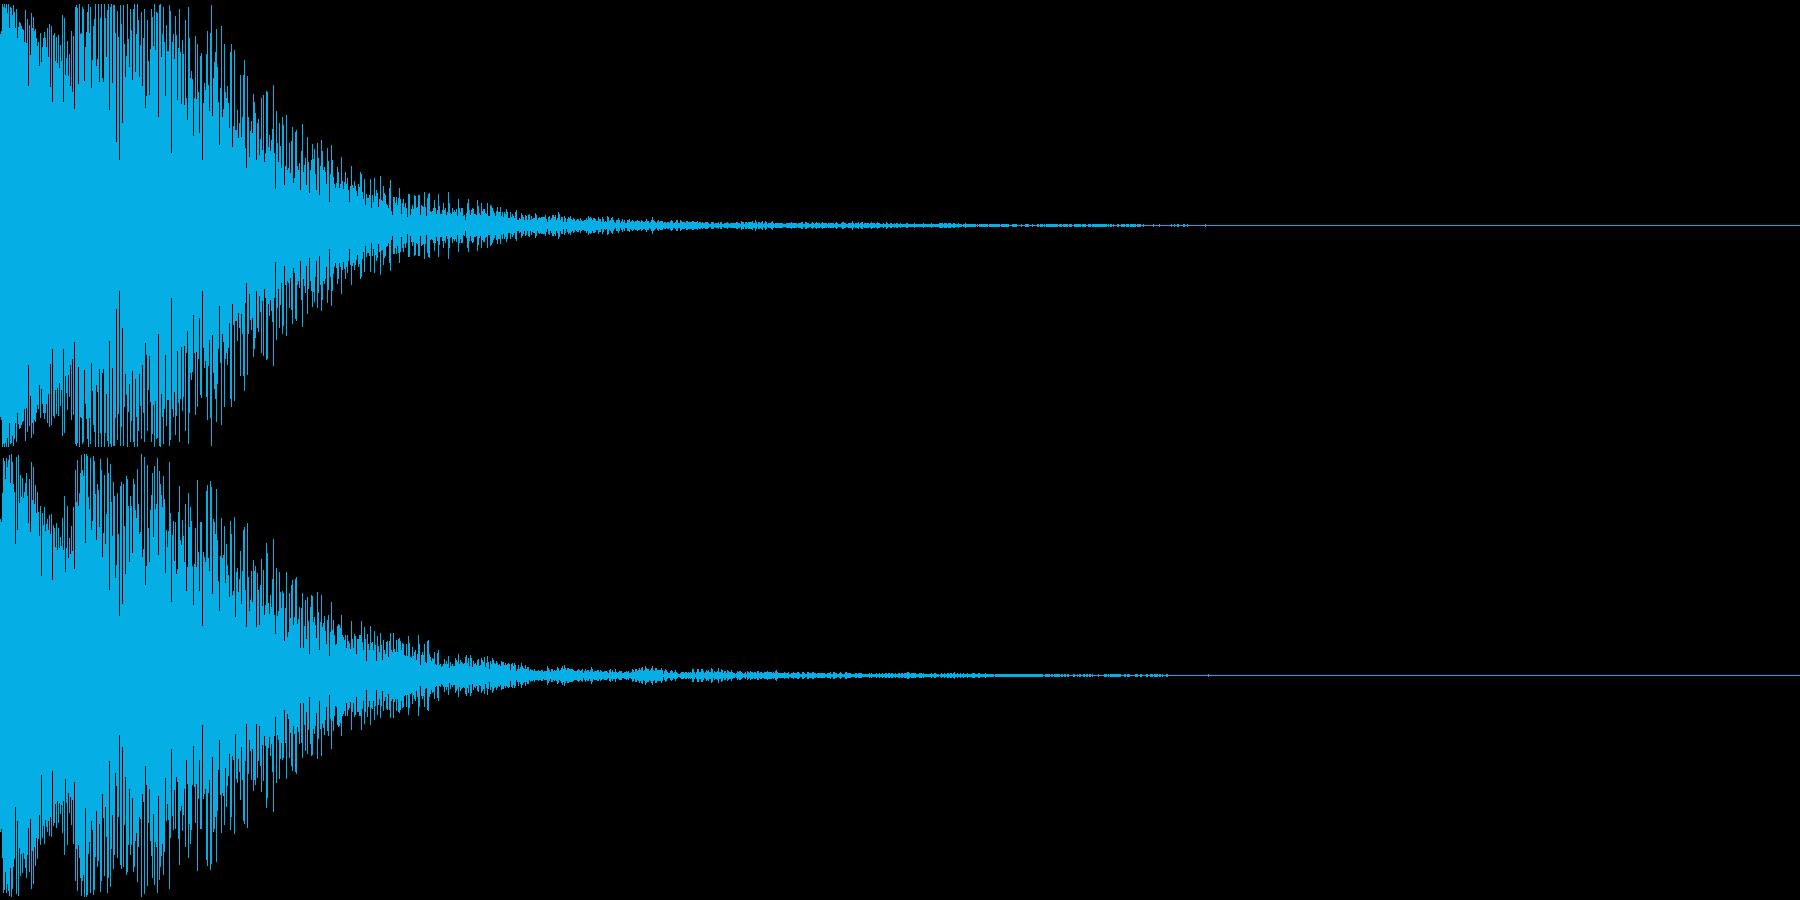 キャンセル音02(テロリッ)の再生済みの波形